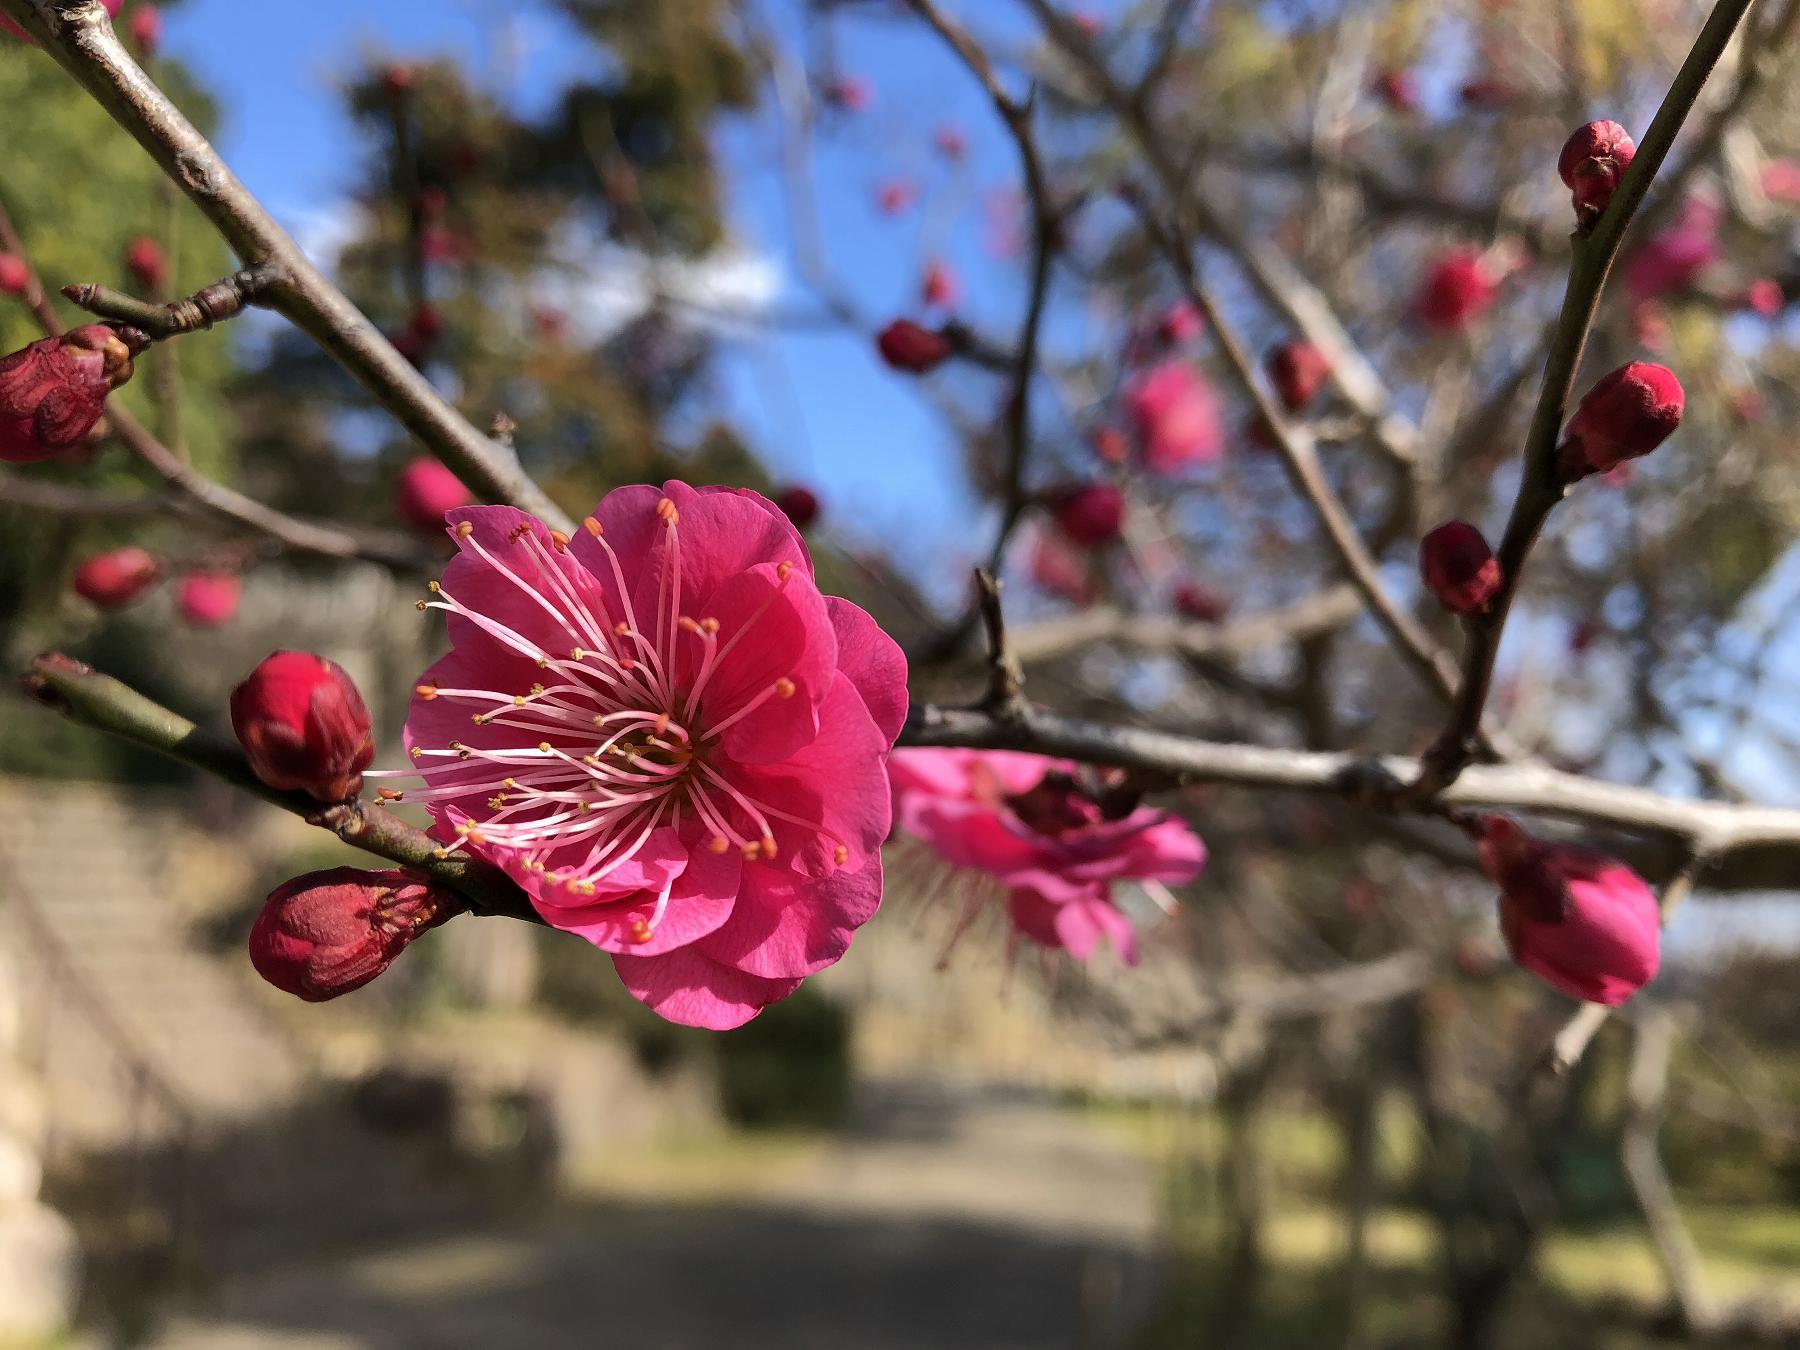 神戸・岡本の「岡本梅林公園」の梅が咲き始めたので、見に行ってきた! #岡本梅林公園 #梅 #阪急岡本 #梅一つ火会